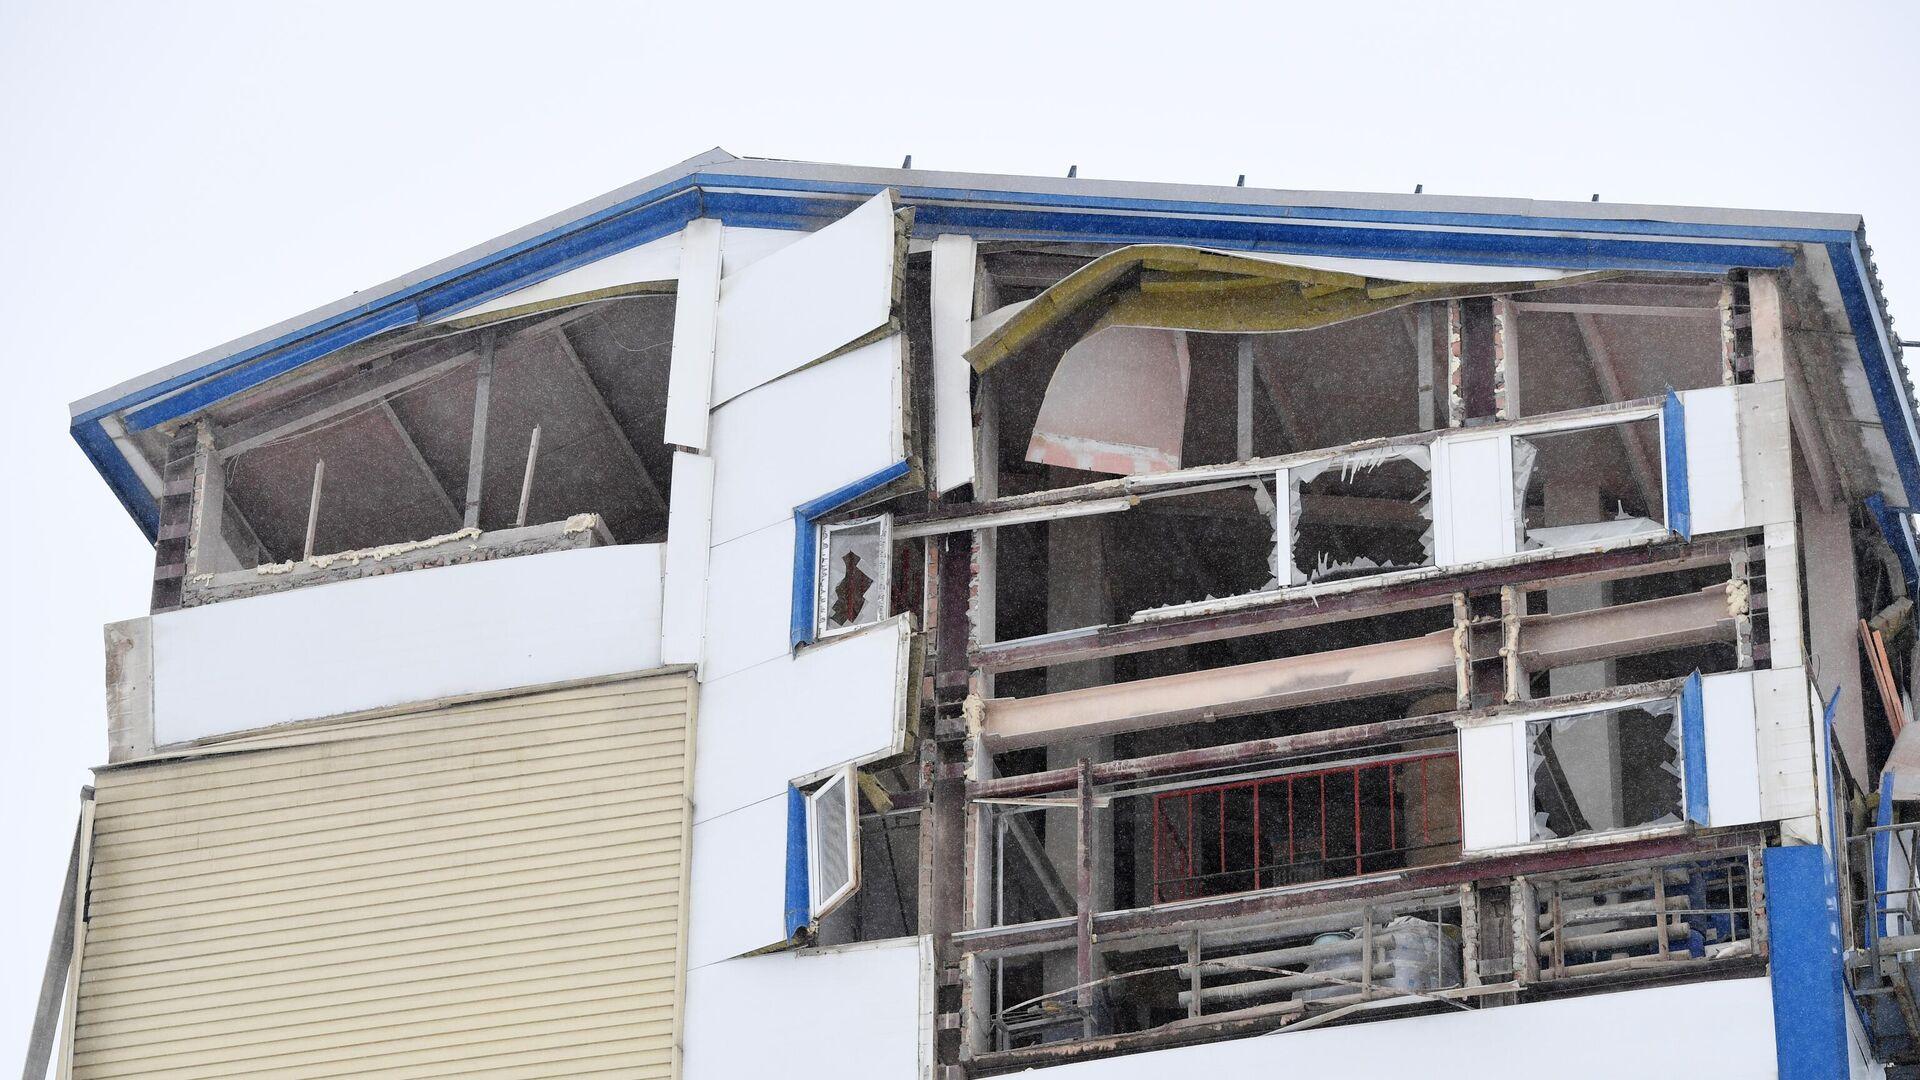 Производственное здание частично обрушилось в Новосибирске - РИА Новости, 1920, 11.01.2021